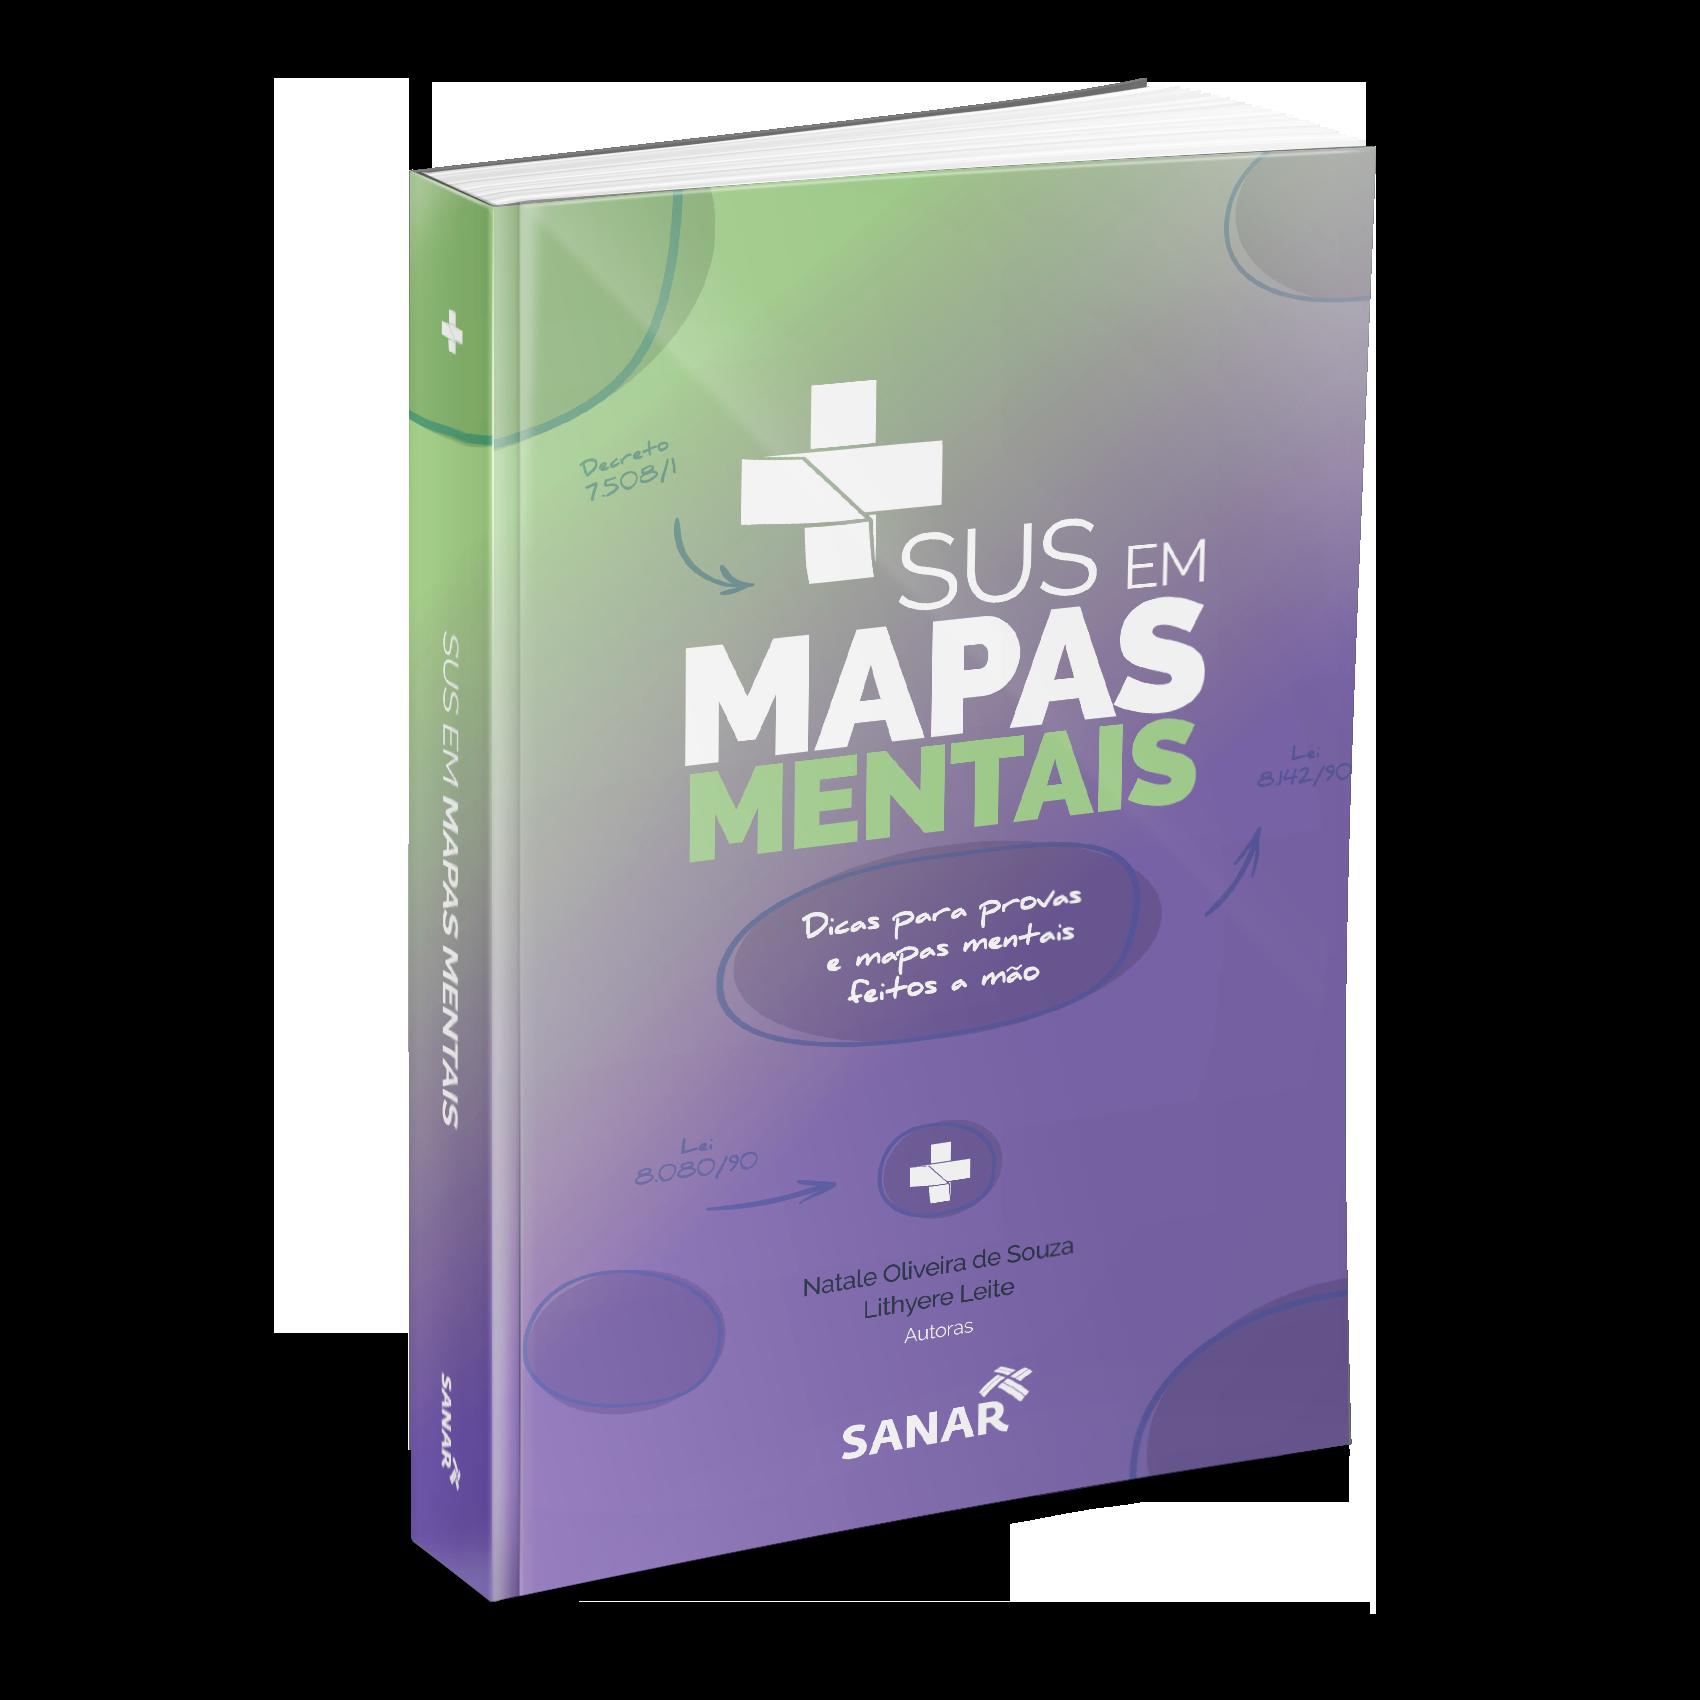 sus-em-mapas-mentais.png (764 KB)